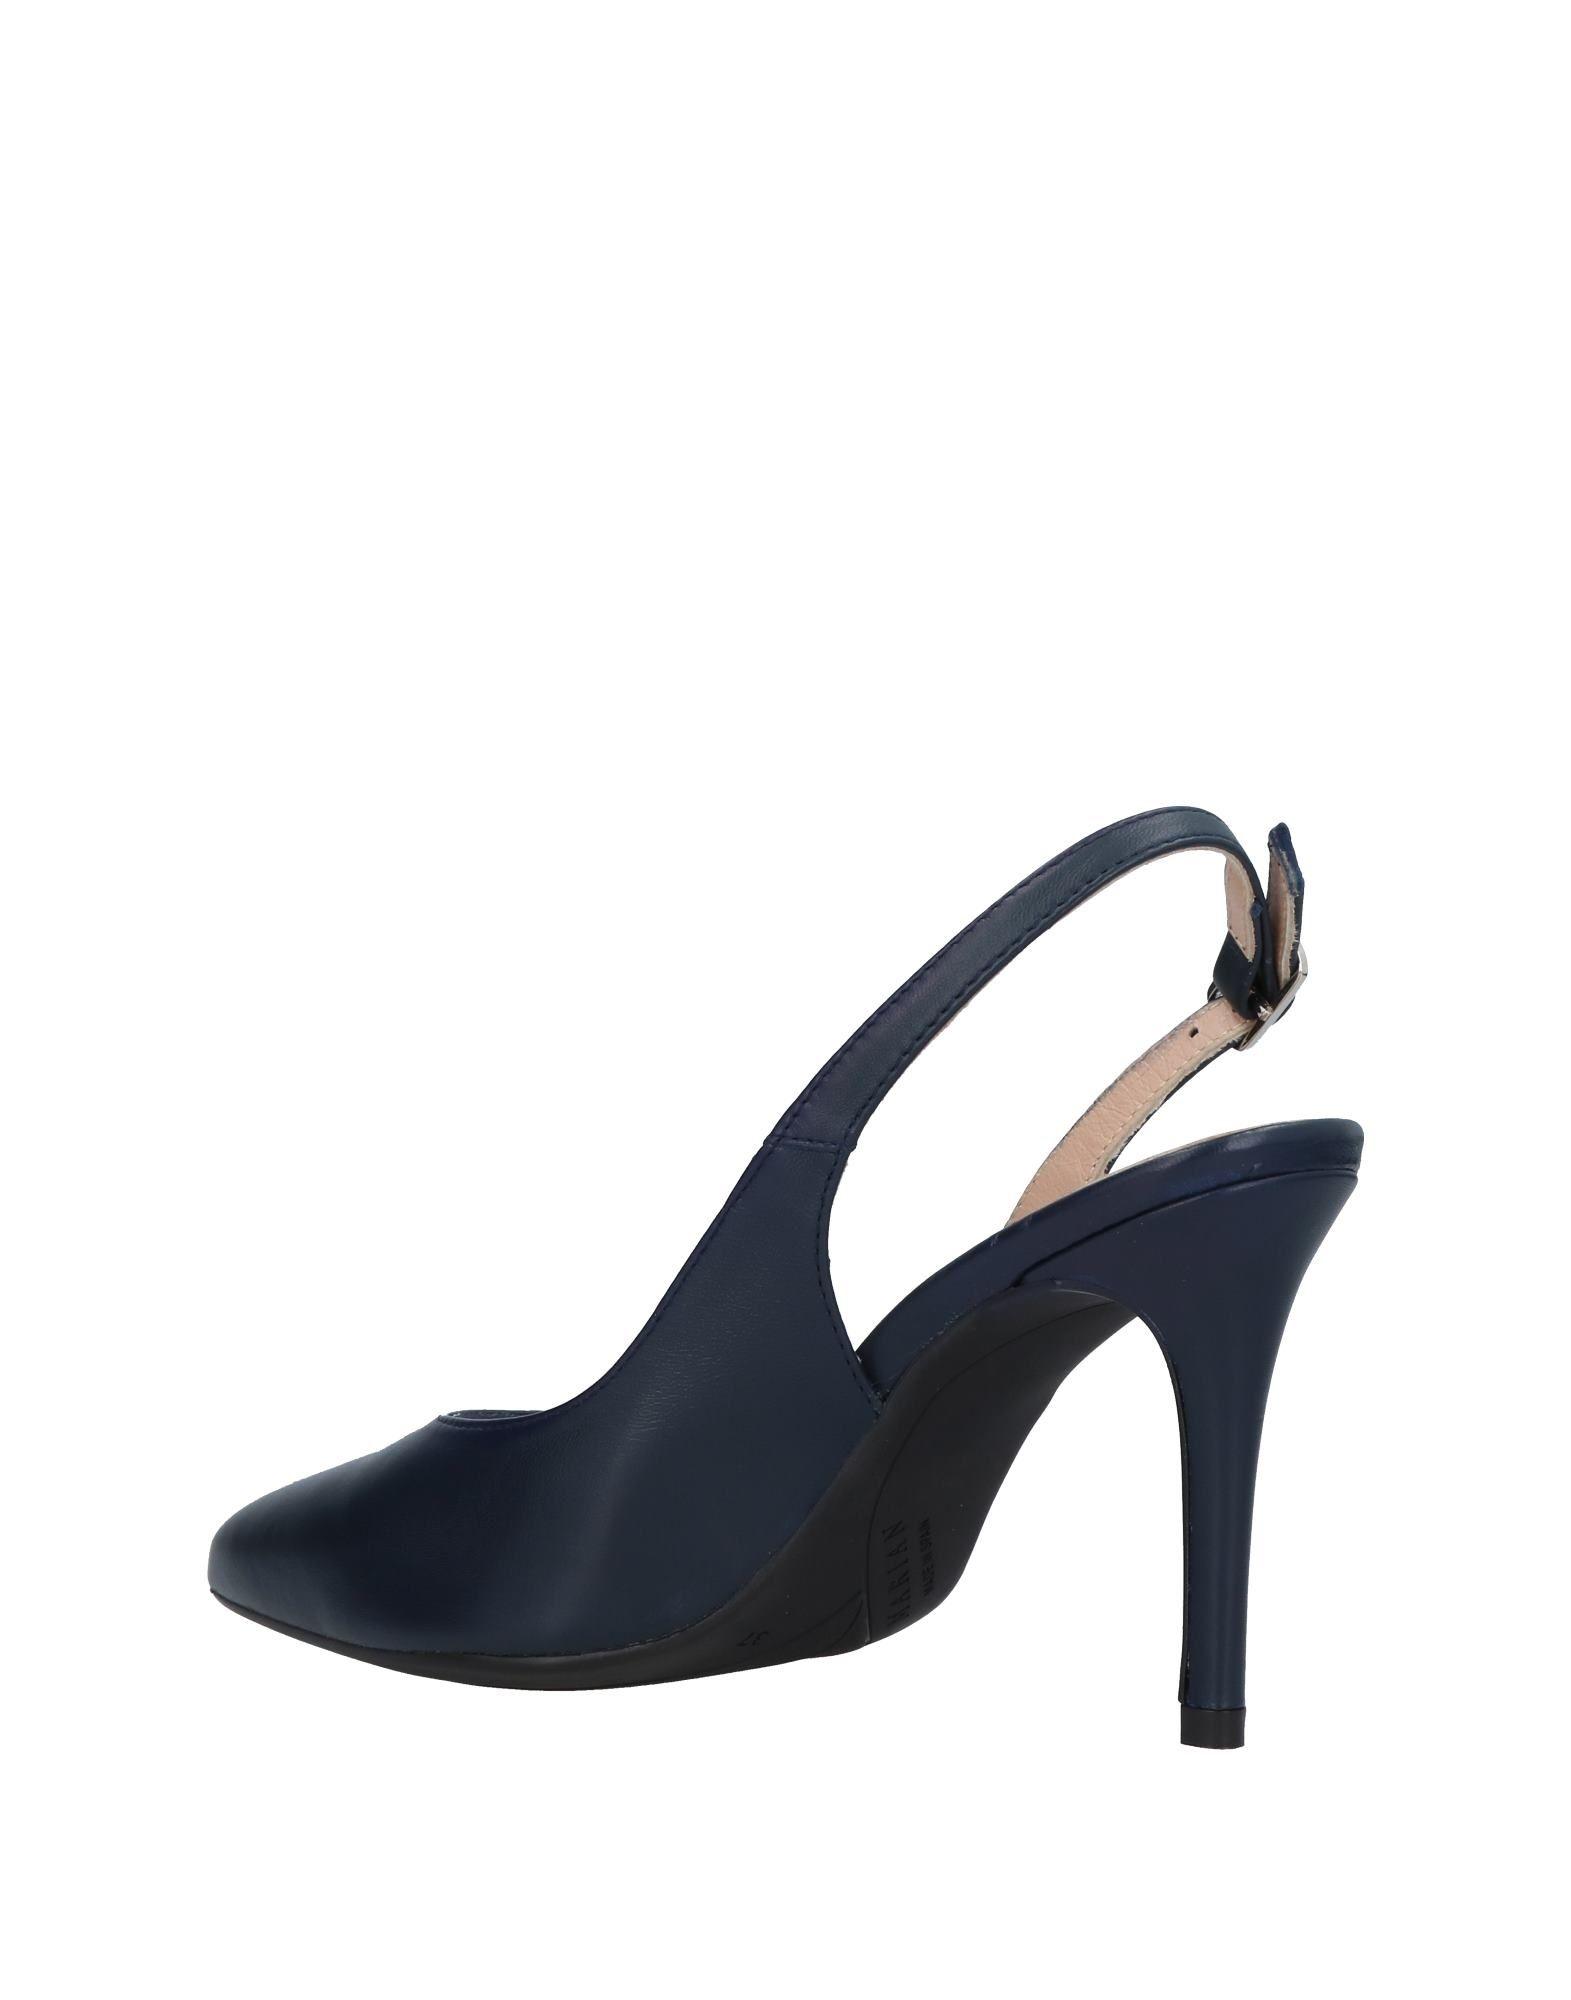 Marian Pumps Damen  11407779QN Qualität Gute Qualität 11407779QN beliebte Schuhe 87dc3b